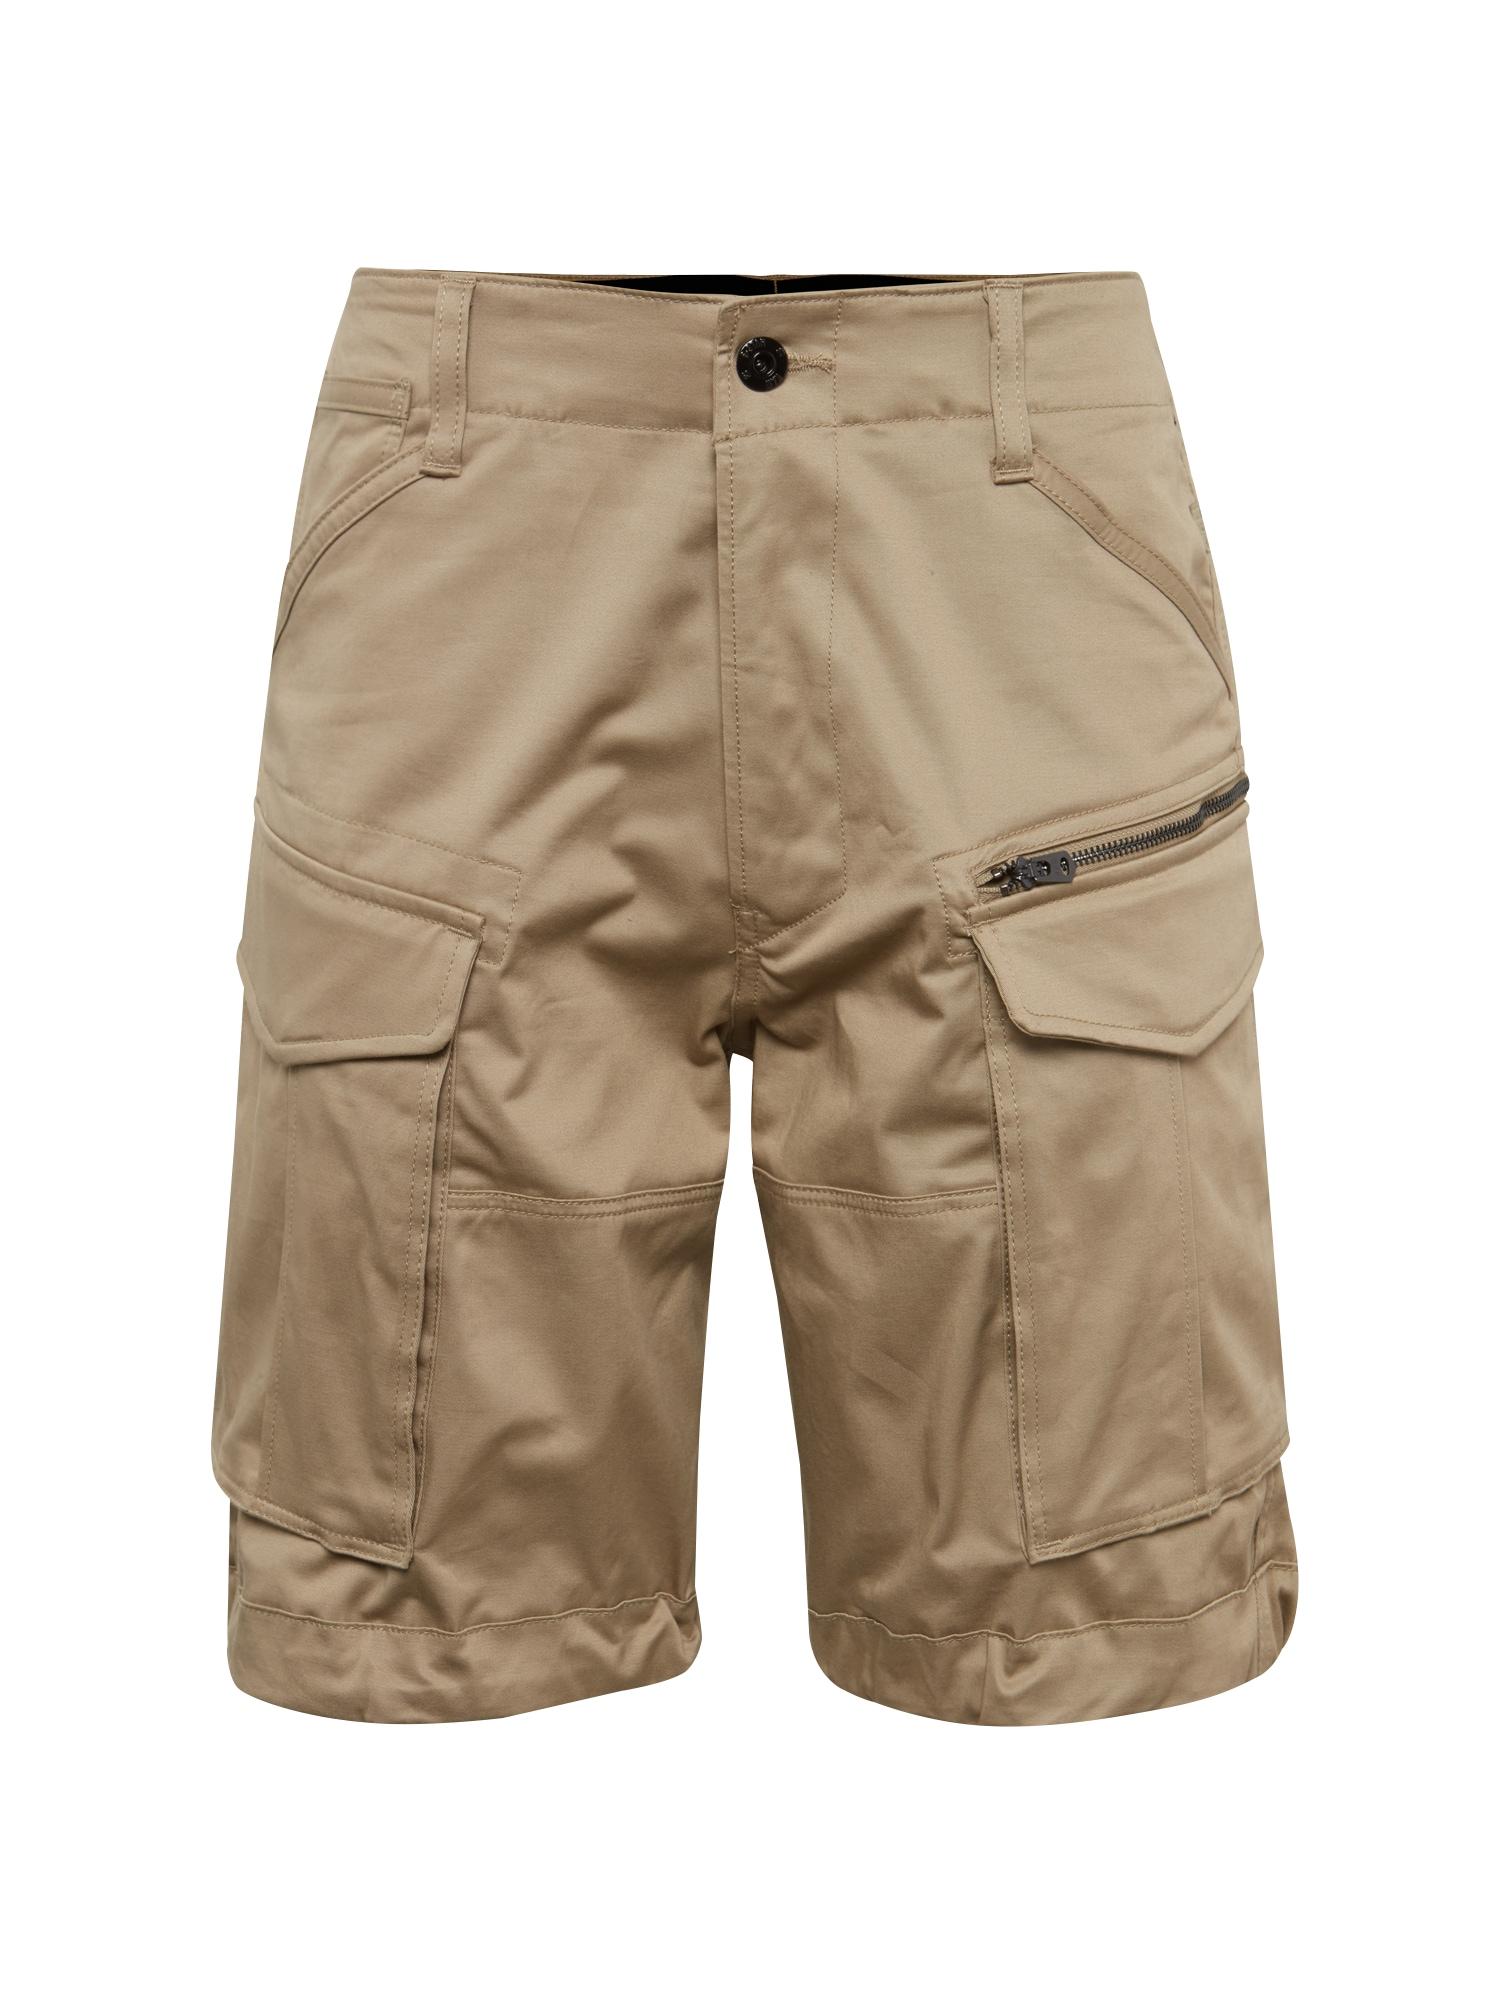 G-Star RAW Laisvo stiliaus kelnės 'Rovic' smėlio